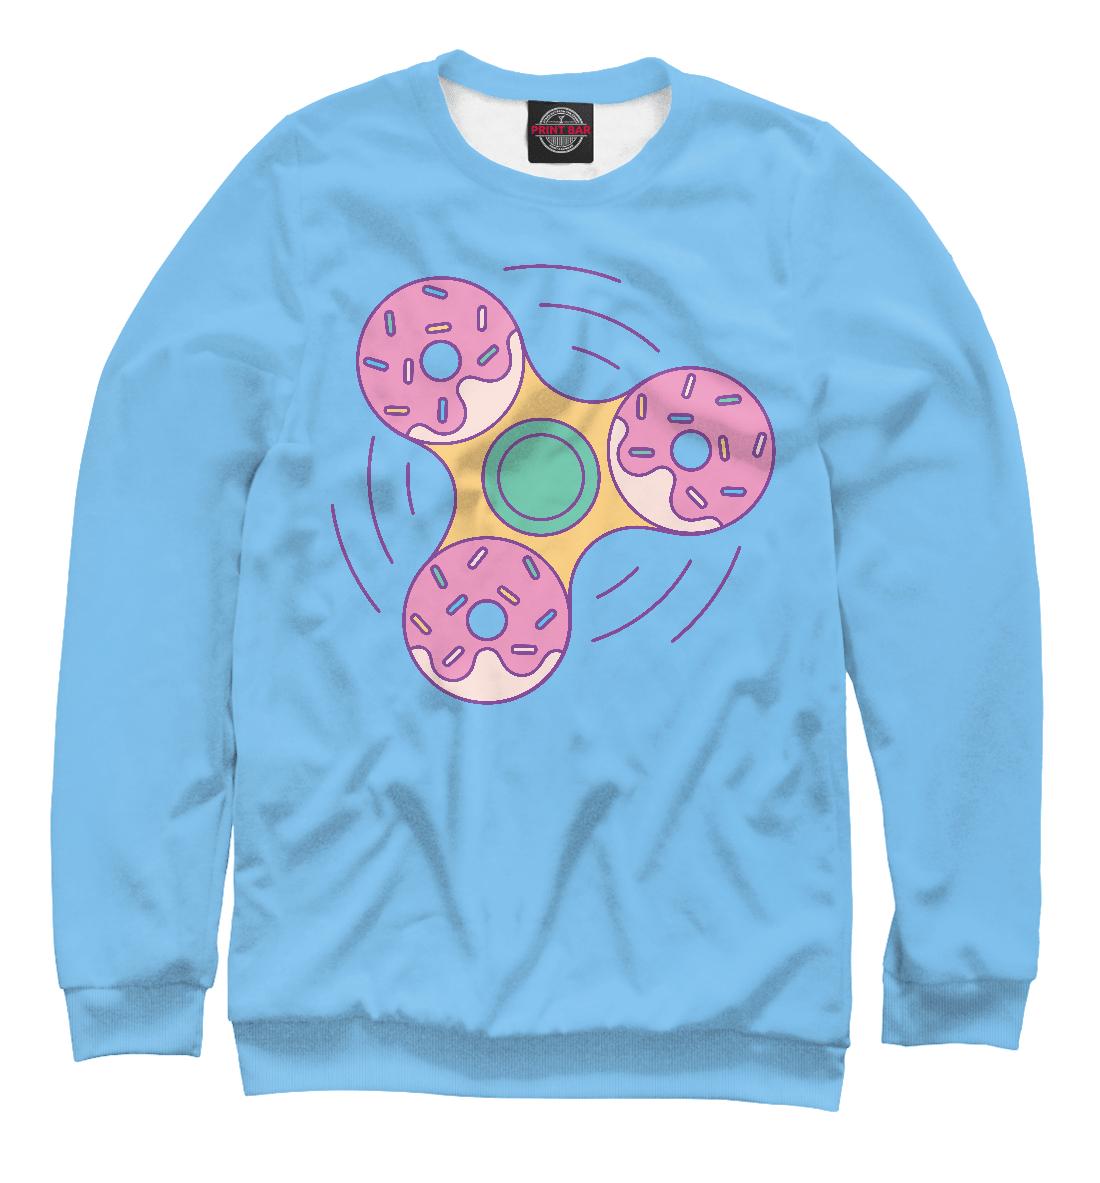 Купить Пончик Спиннер, Printbar, Свитшоты, SIM-848182-swi-2